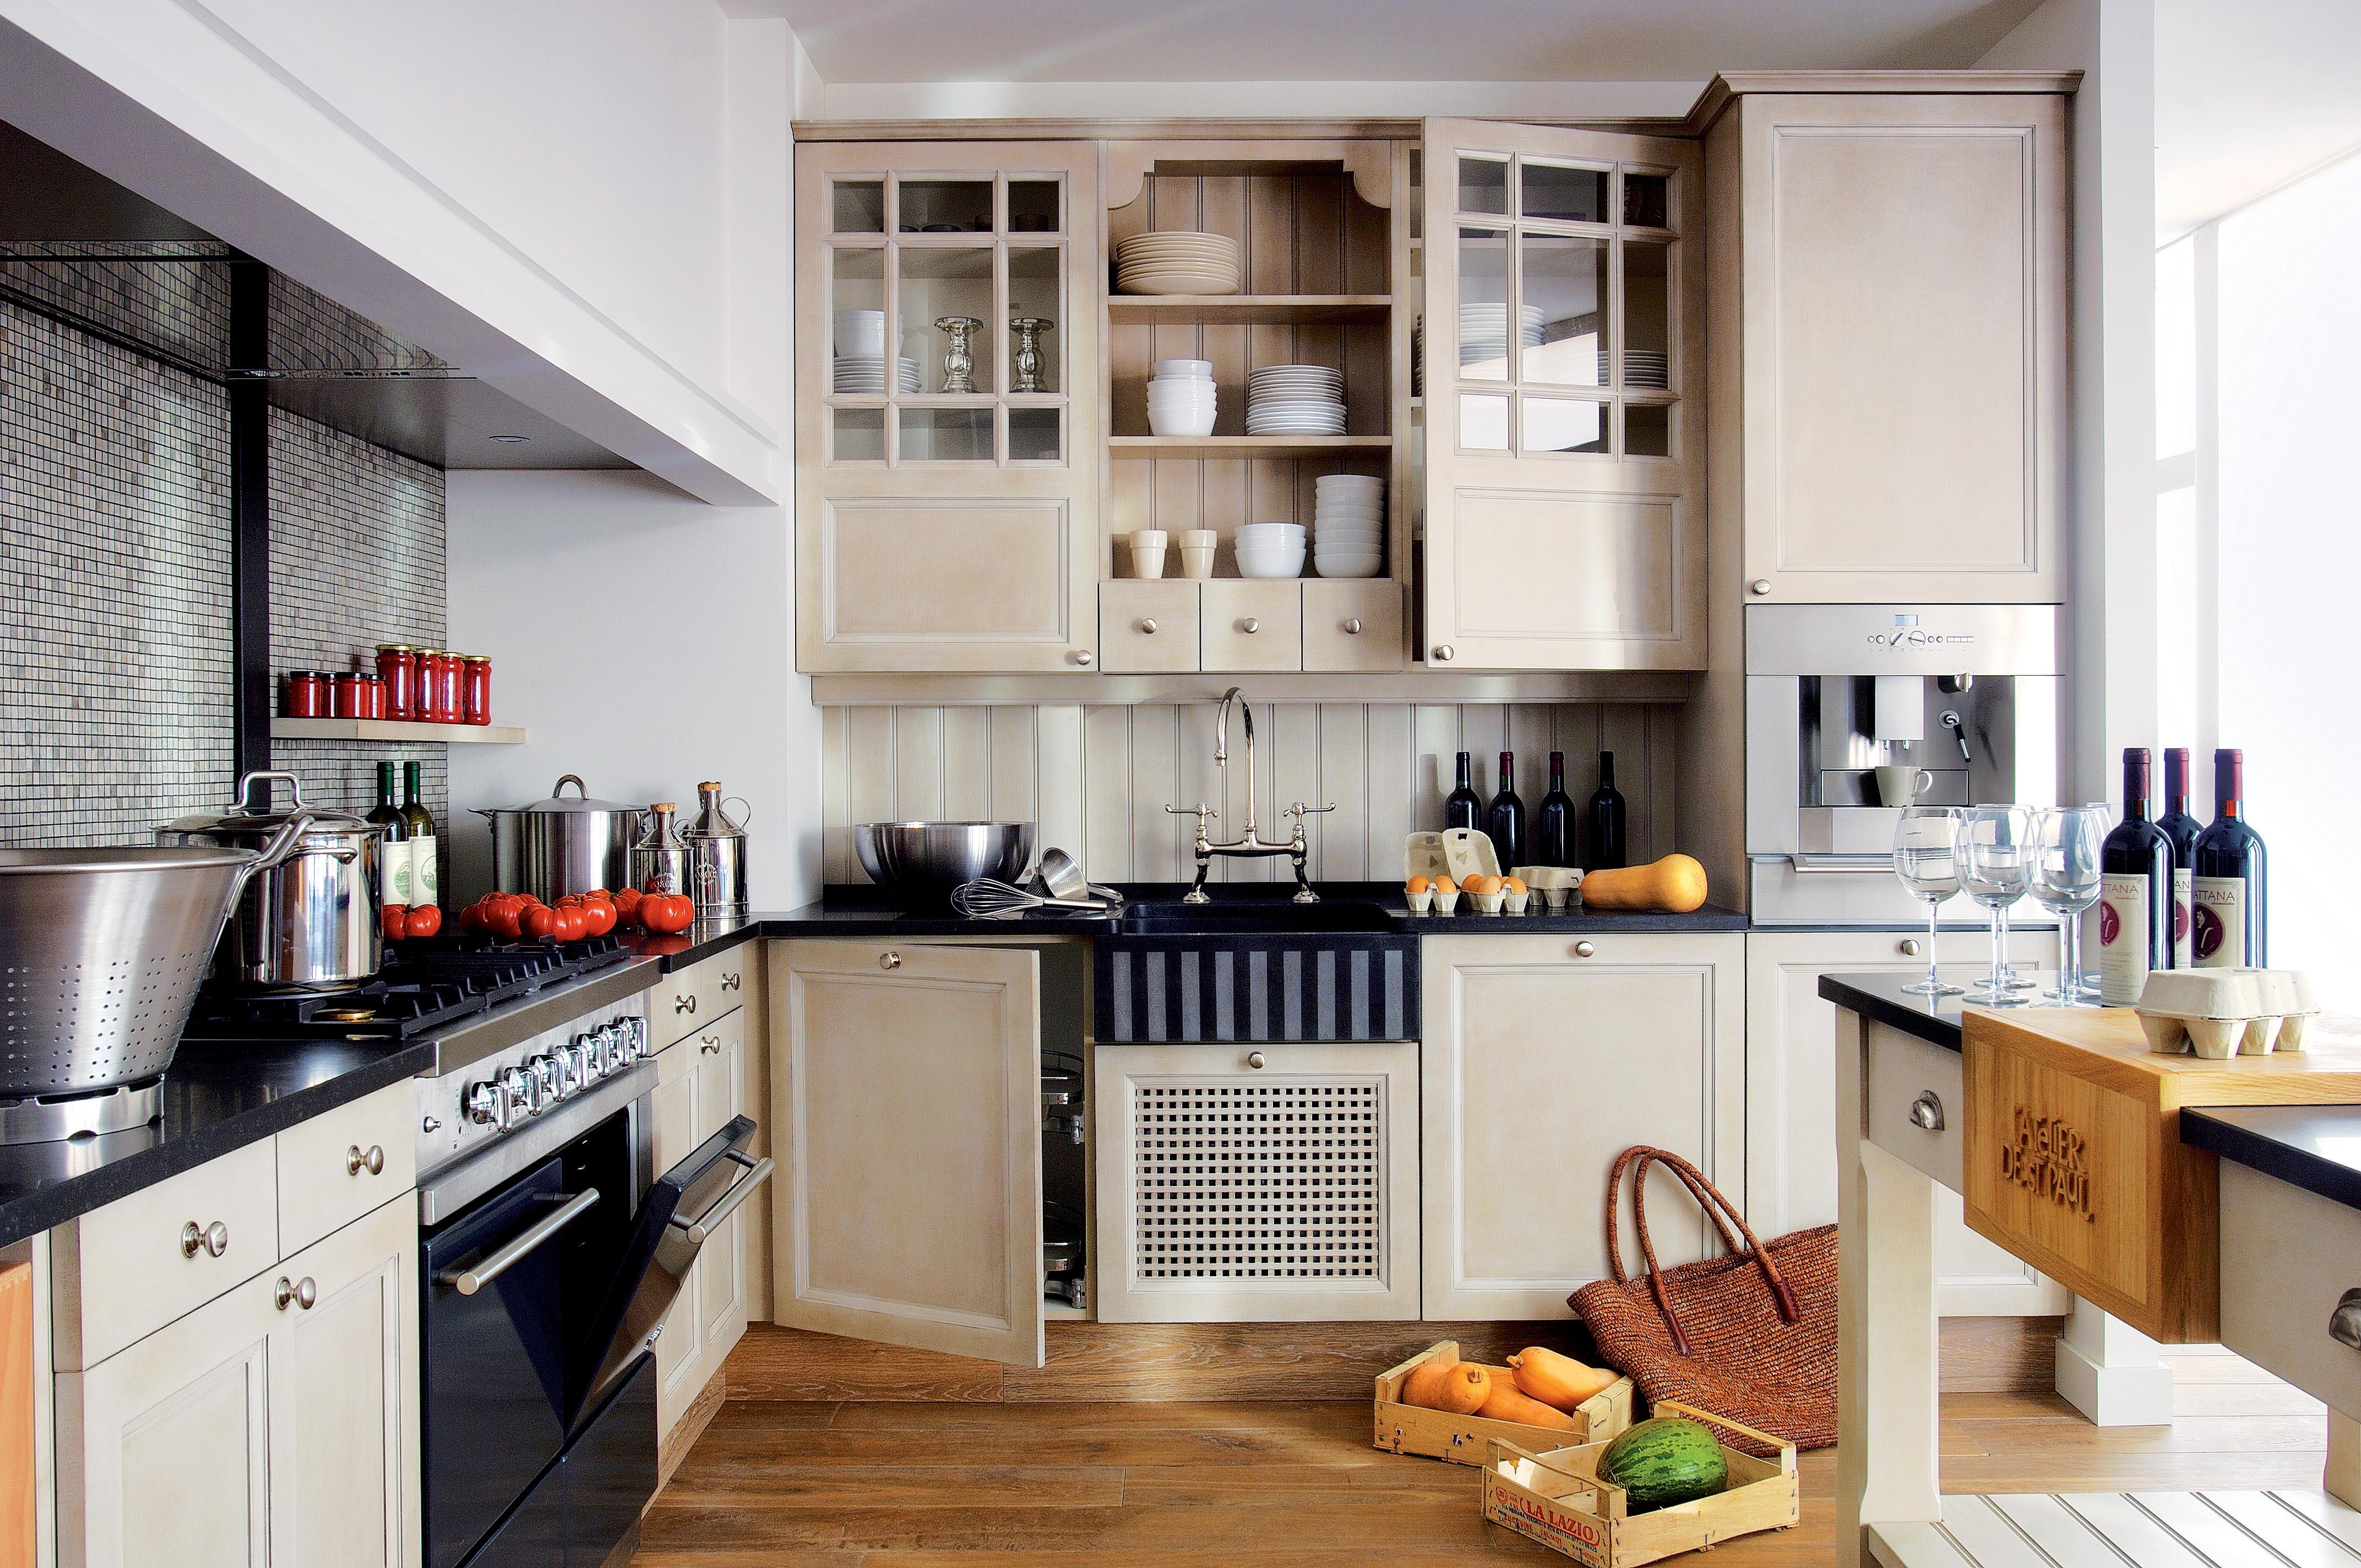 Cuisine d 39 b nisterie avec un travail artisanal sur mesure - Projet atelier cuisine ...